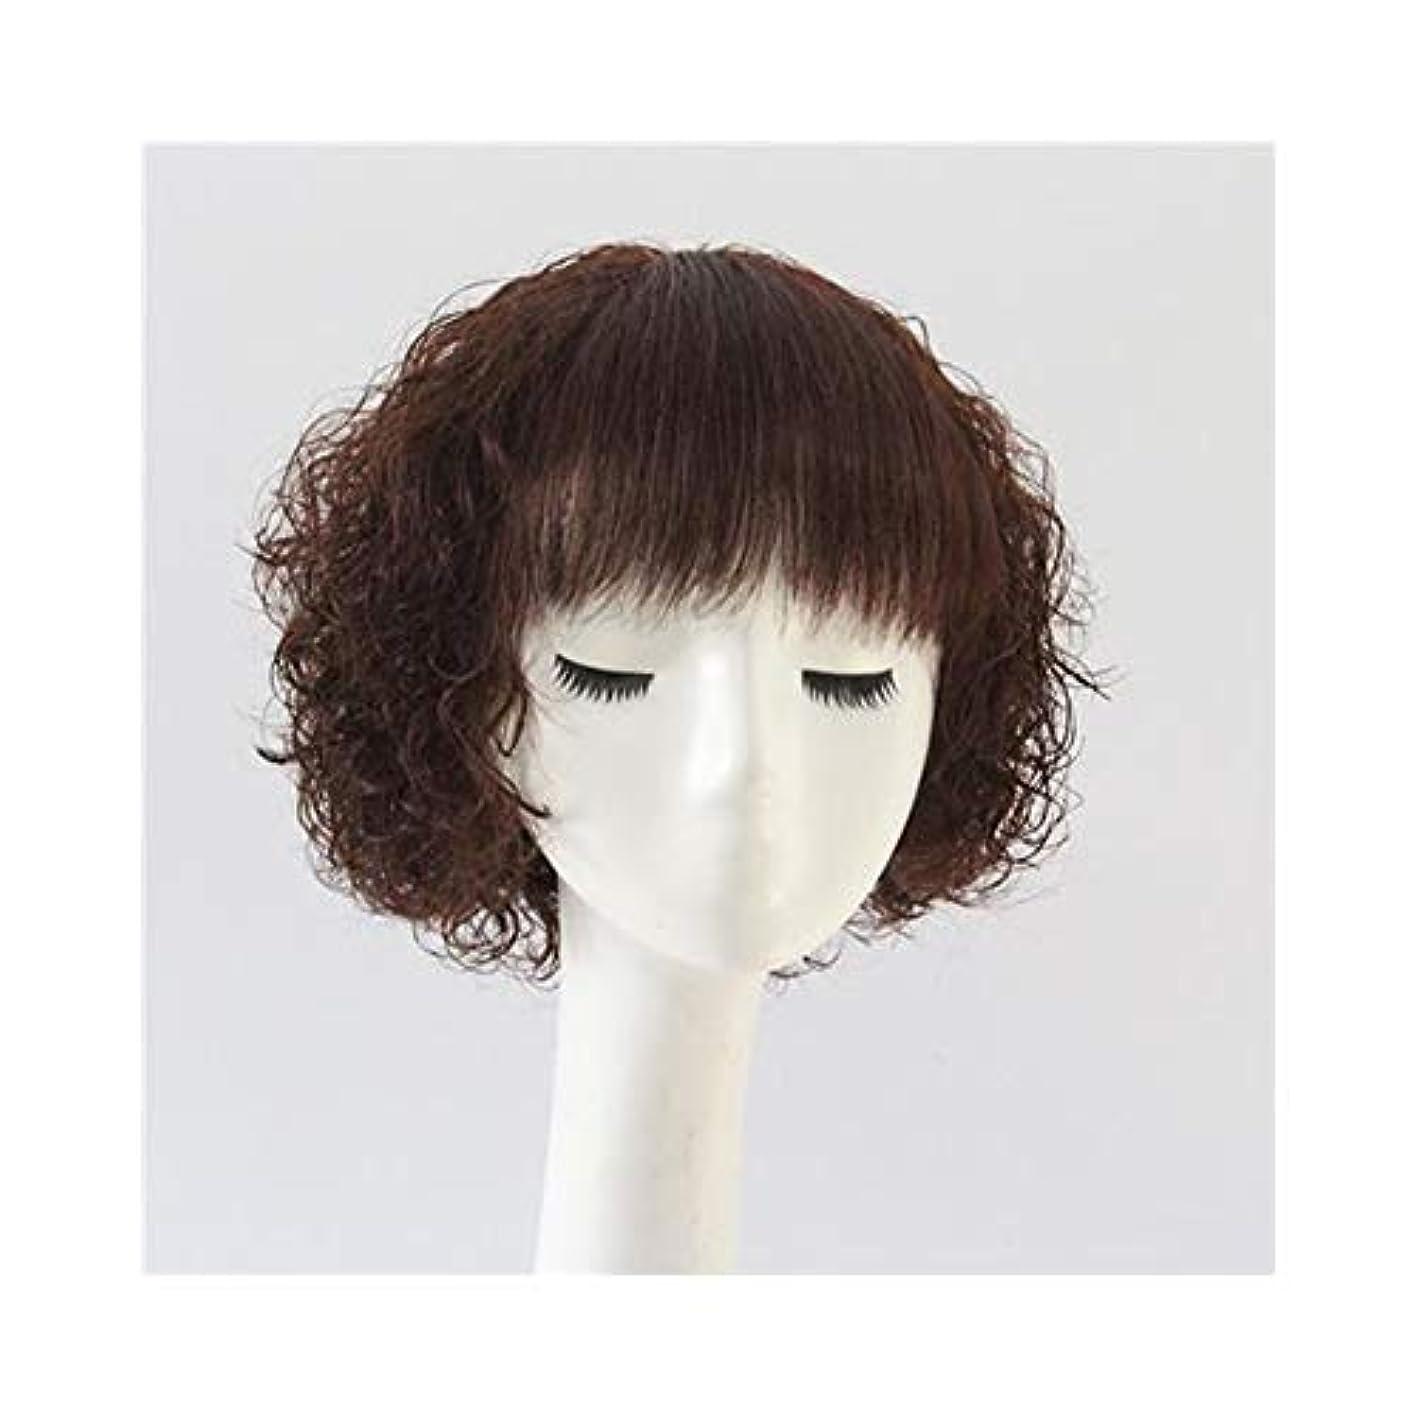 アカデミック想像力豊かなうまくいけばYOUQIU 女性ファッションナチュラル耐熱性繊維ウィッグかつらのために100%実髪ショートカーリーヘア (色 : Dark brown)